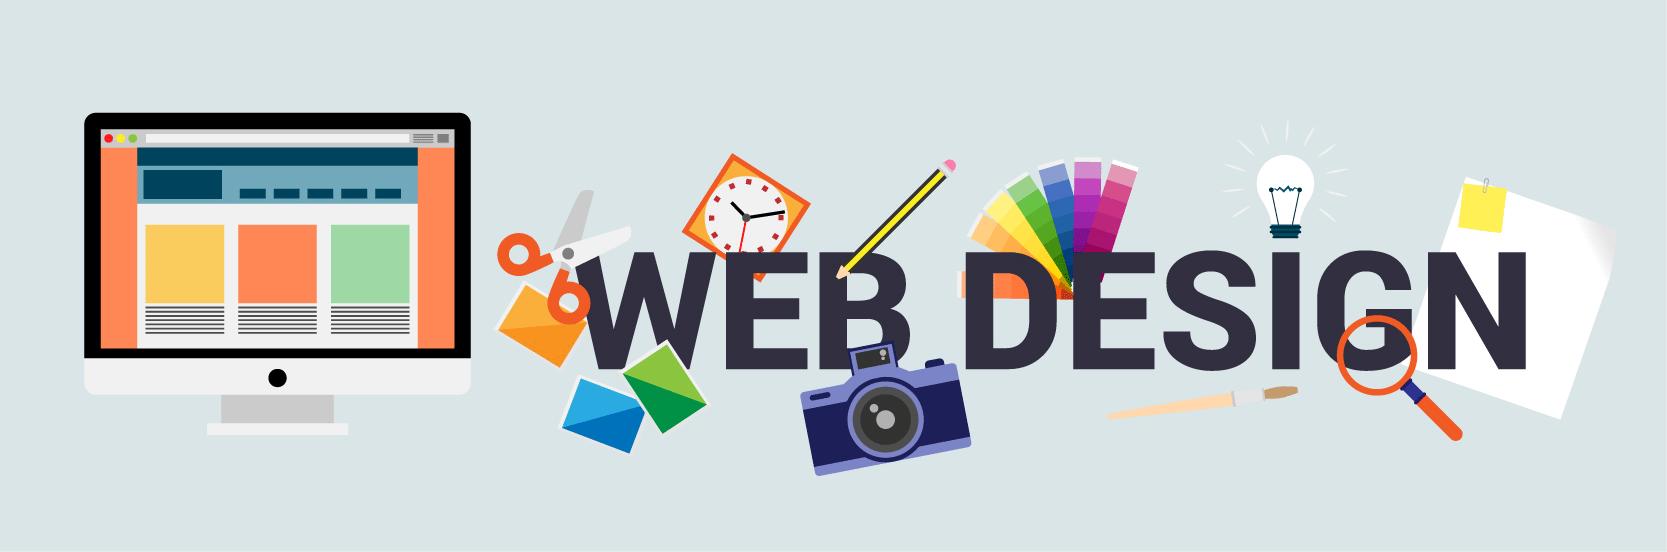 تصميم و تطوير المواقع الإلكترونية